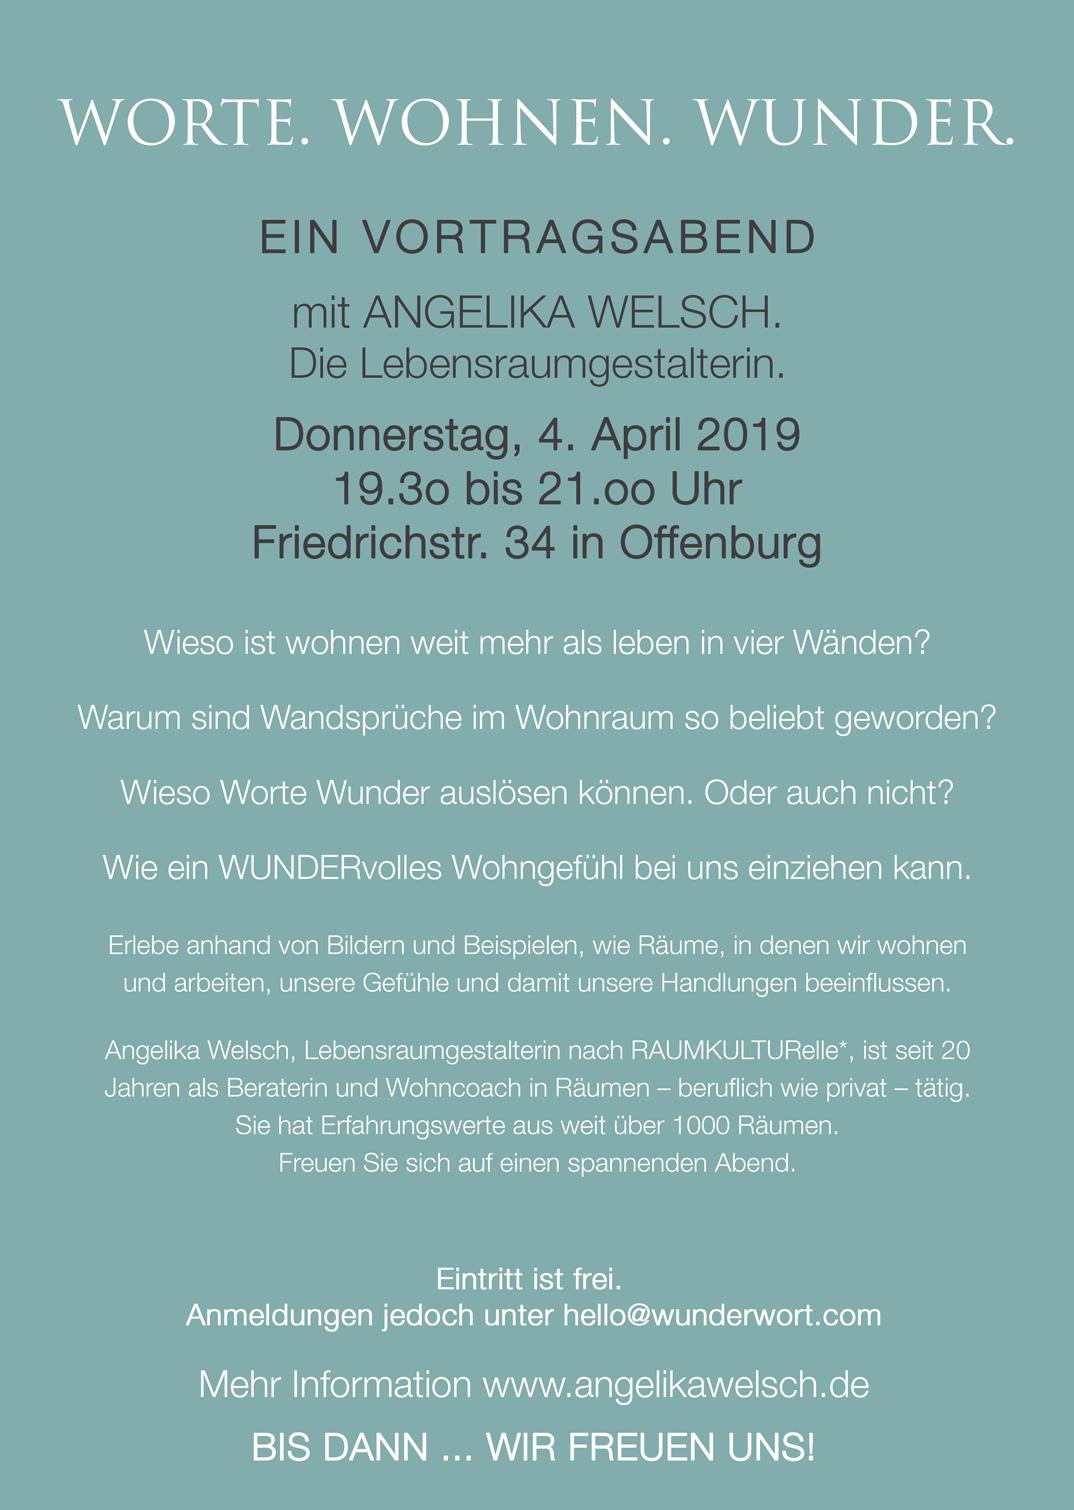 WORT-Wohnen-WUNDER-01.jpg